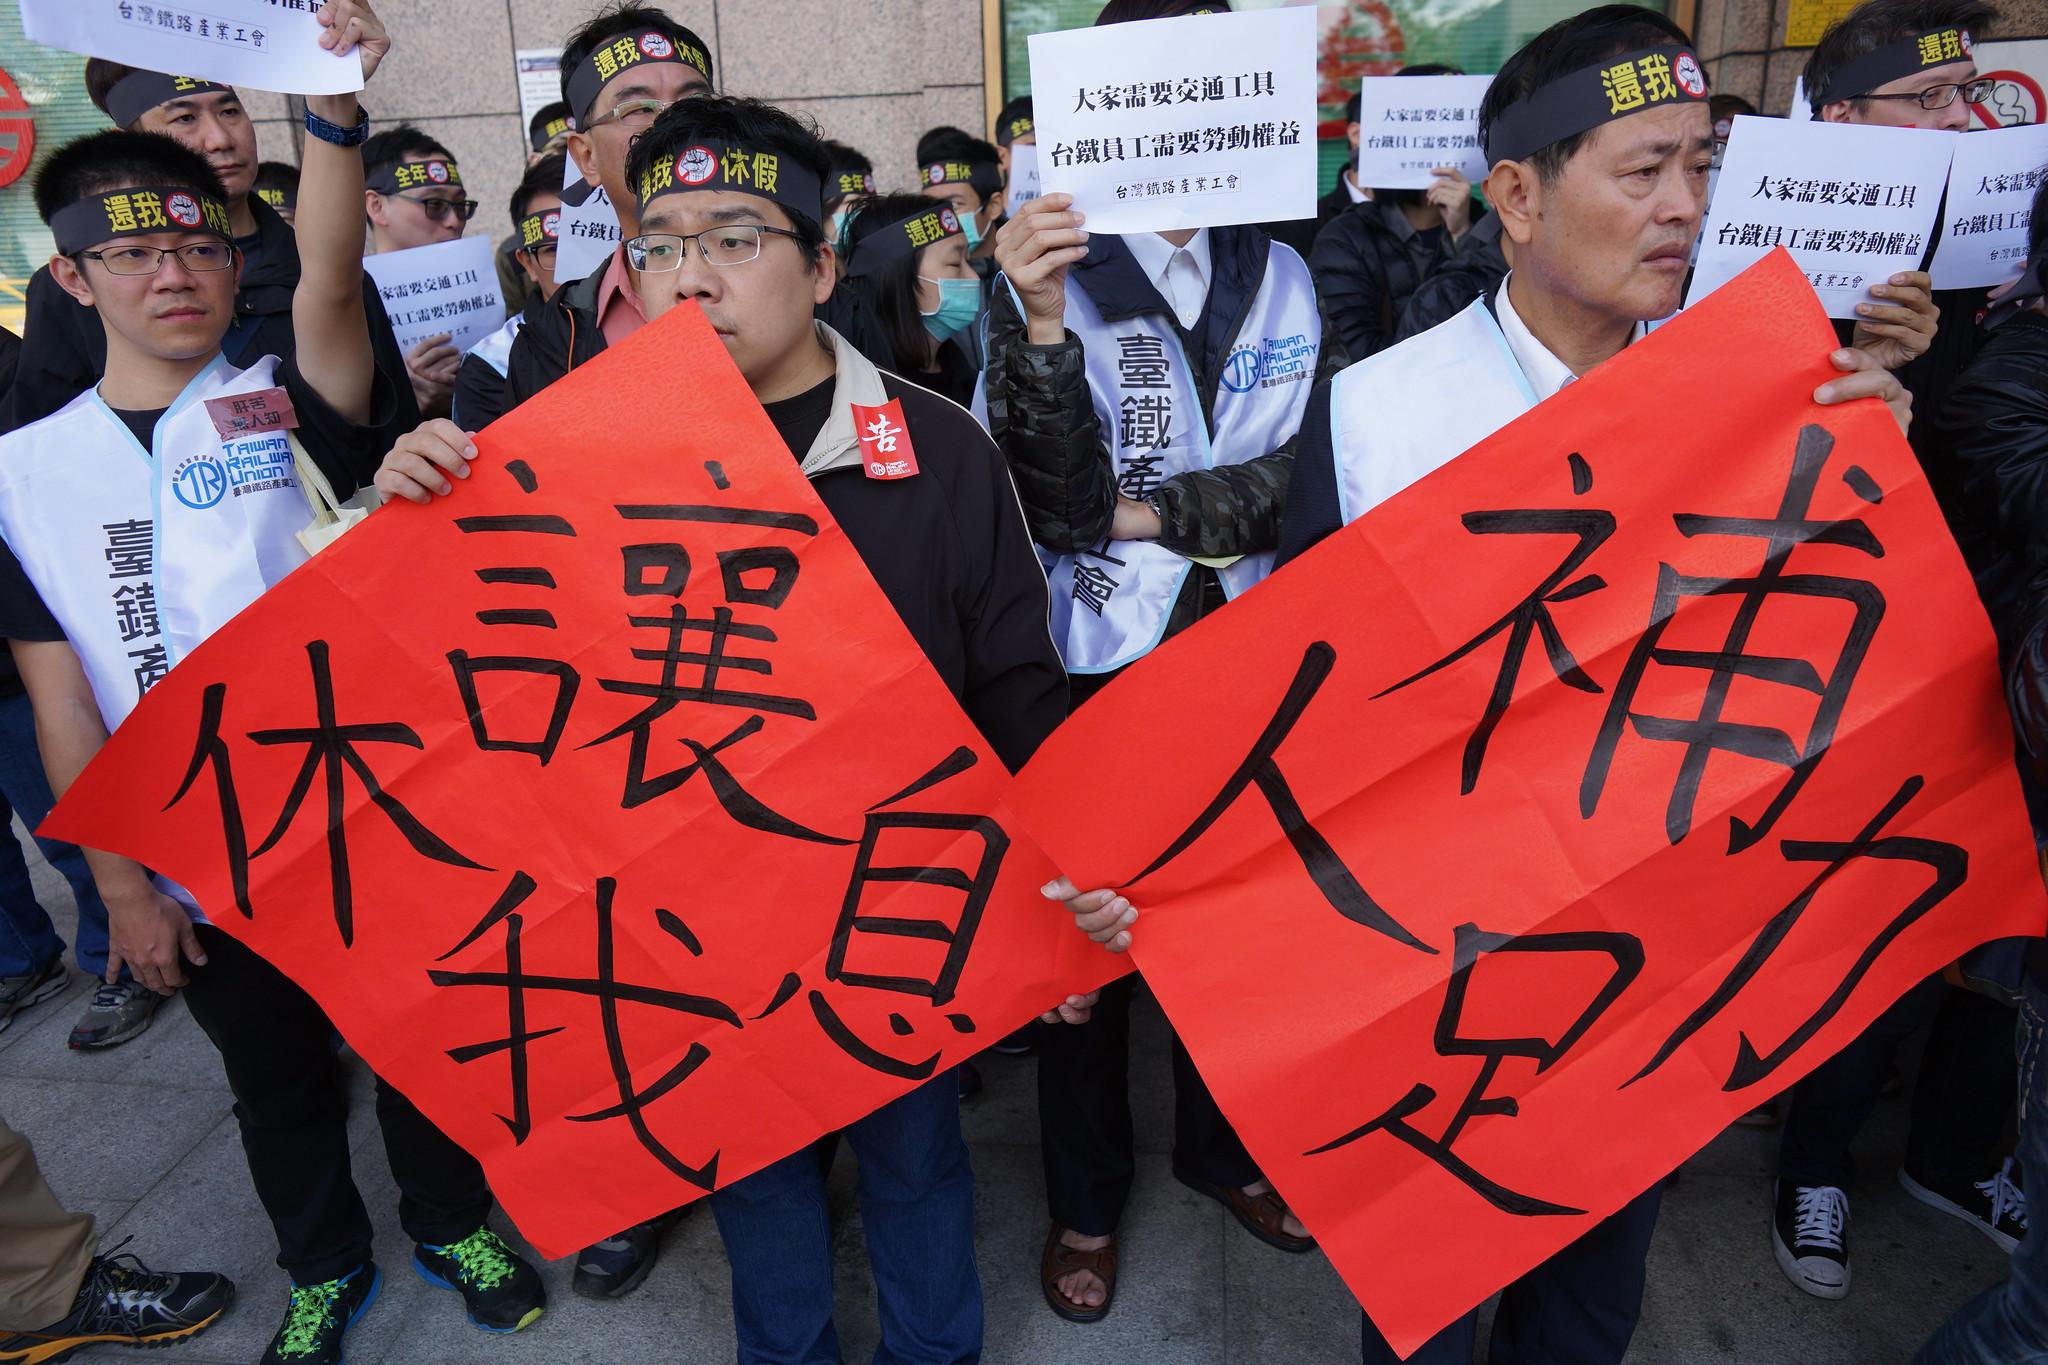 台铁产业工会动员在春节期间集体休假。(摄影:王颢中)